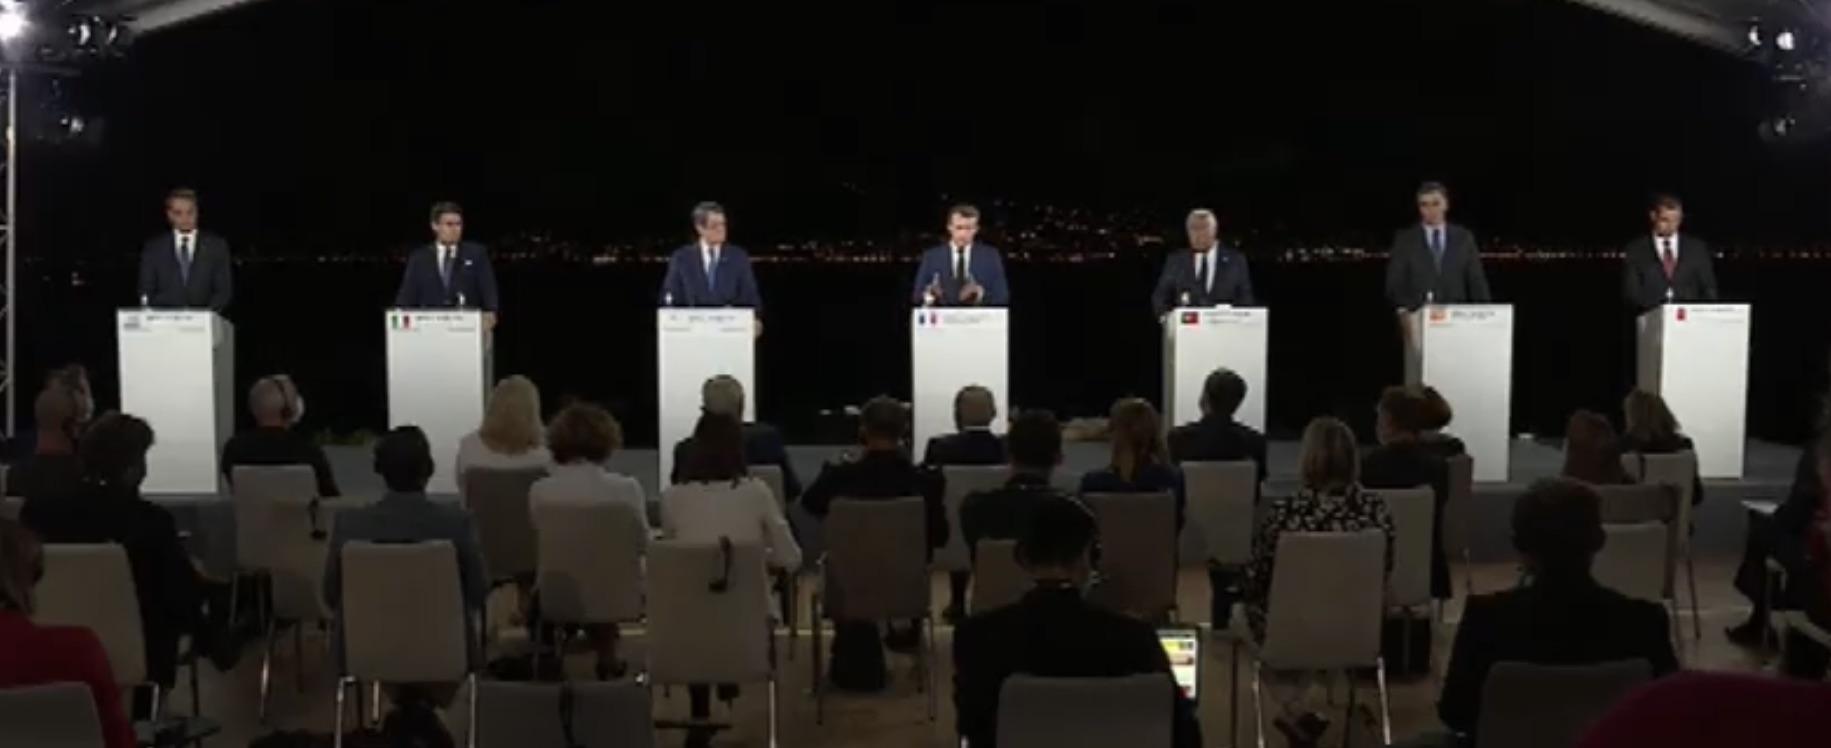 Κοινή Διακήρυξη μετά το πέρας της 7ης Συνόδου Κορυφής των Χωρών του Νότου της ΕΕ στο Ajaccio